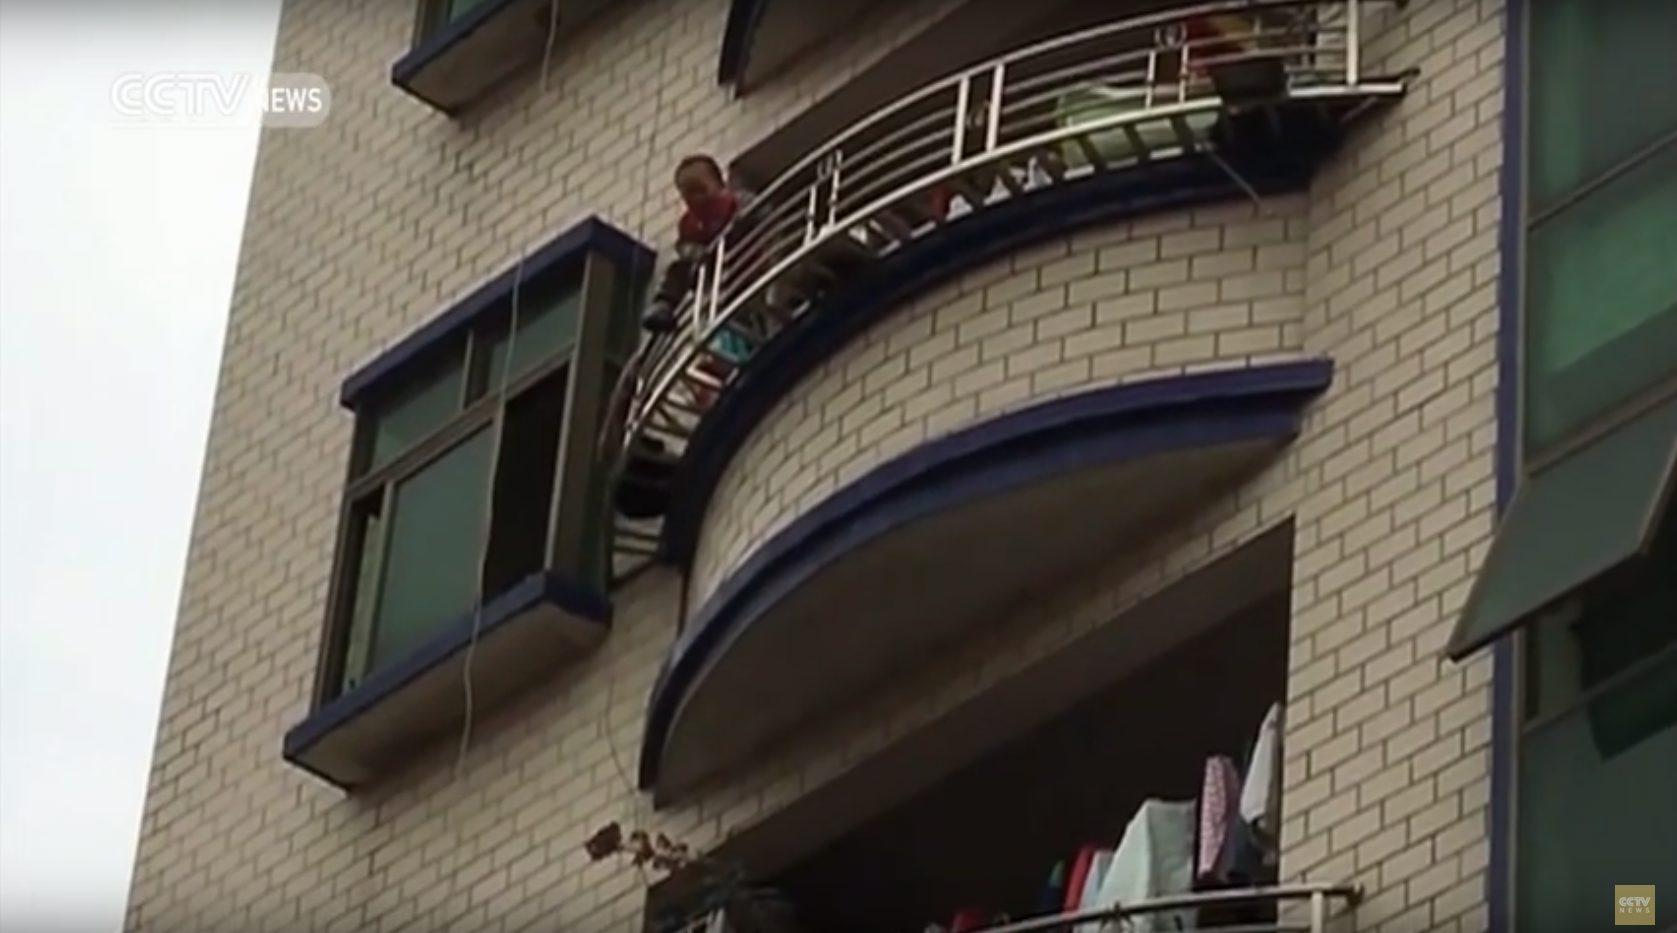 Chiny Szokujące Nagranie Dziecko Spadło Z 5 Piętra